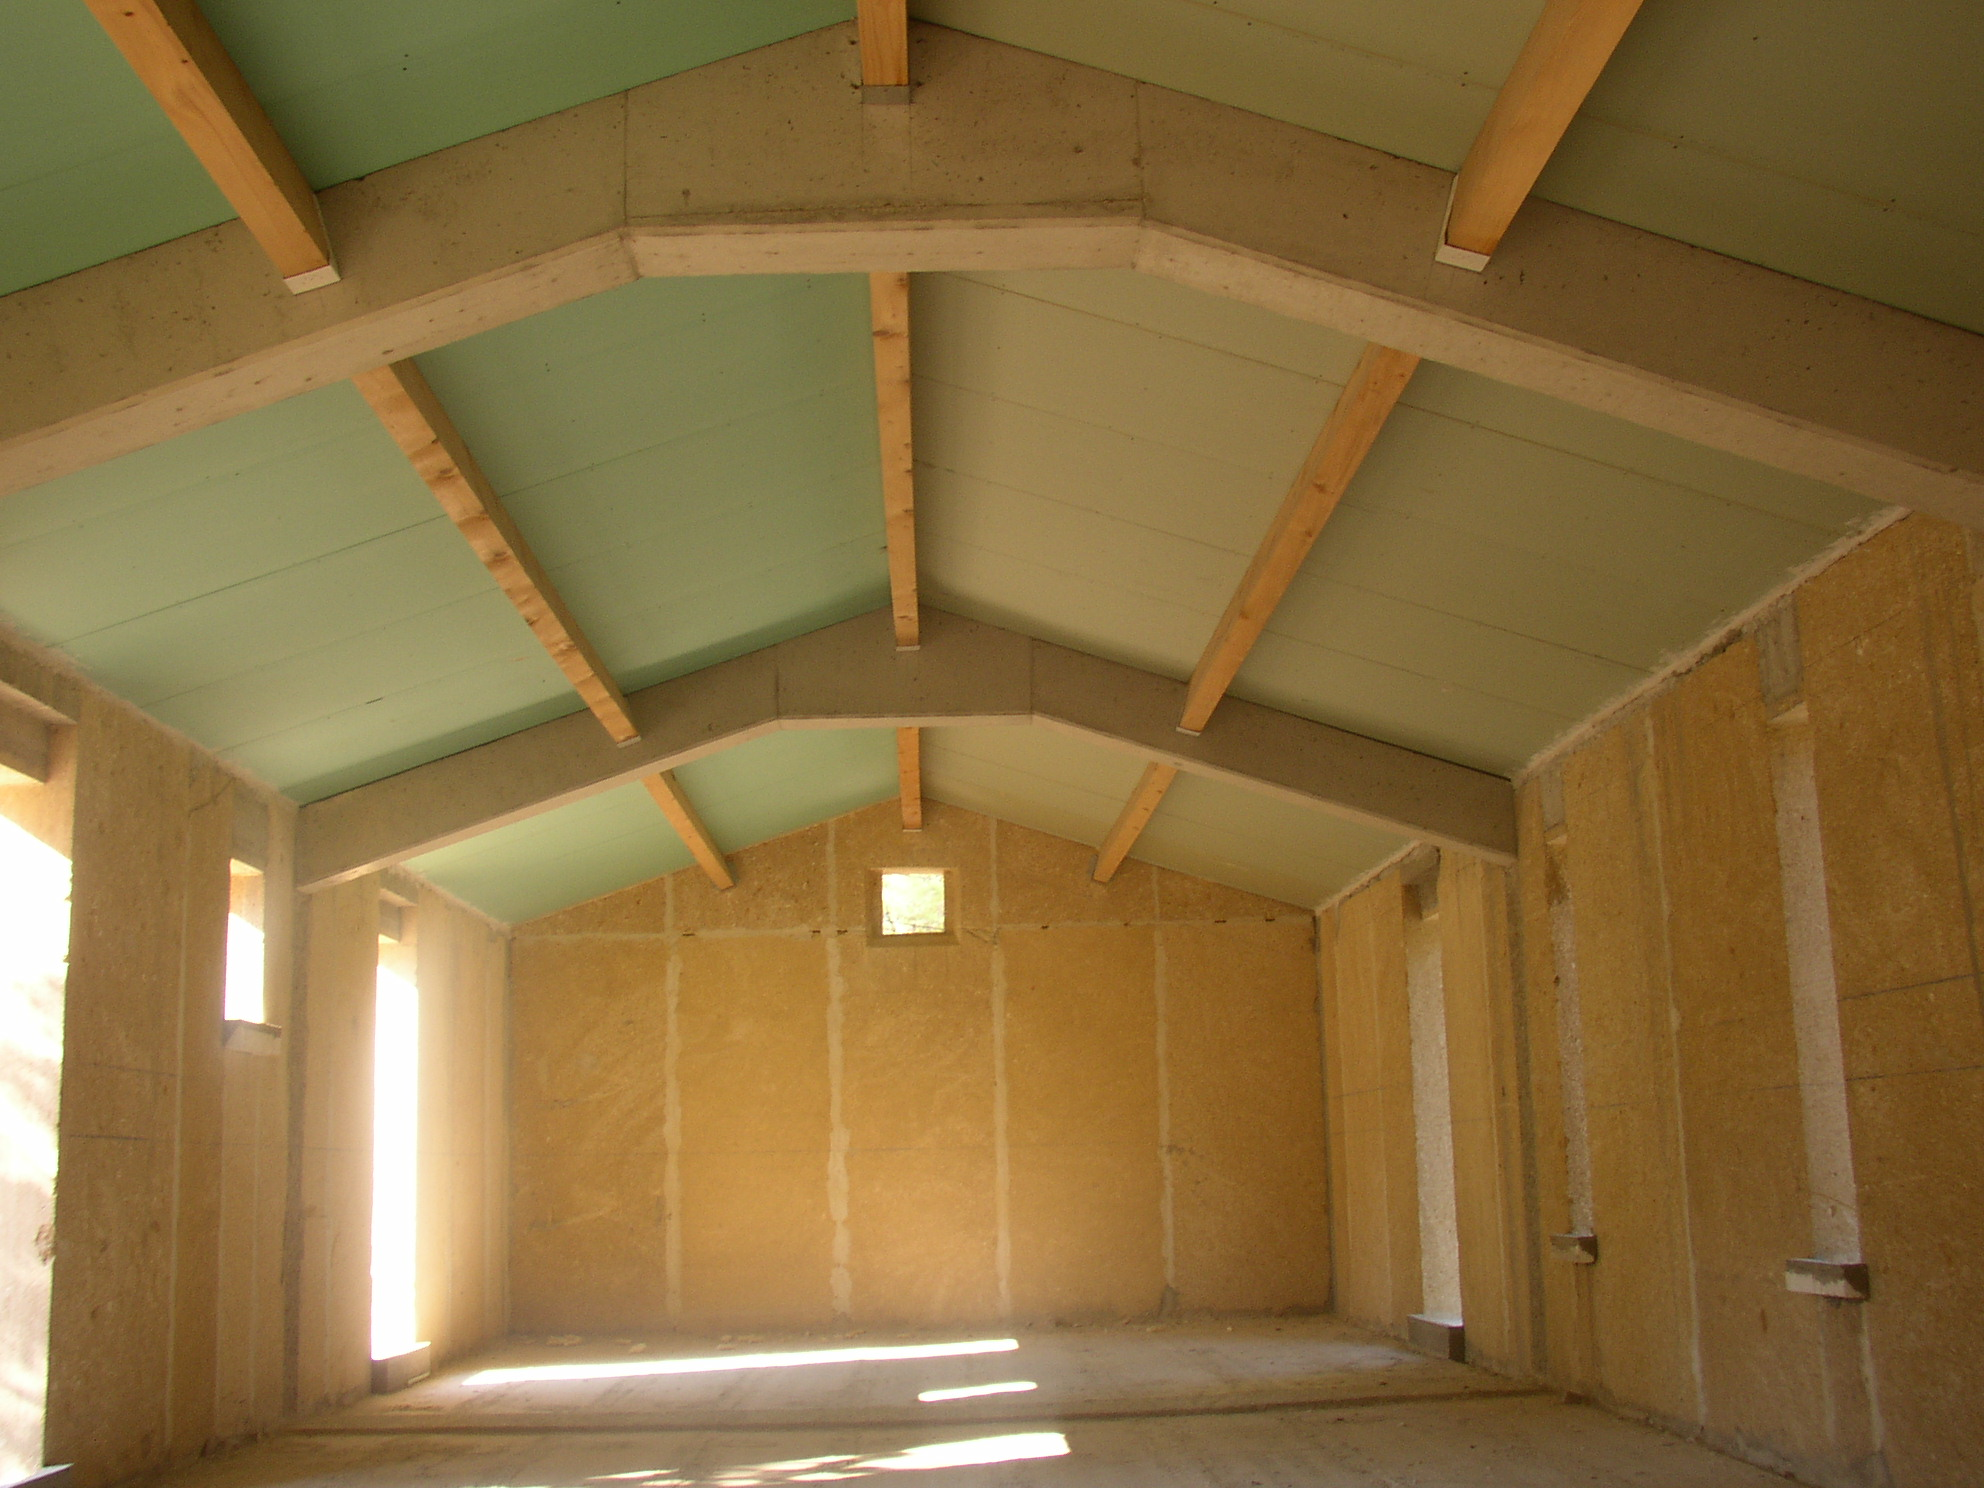 Desportes rénovation, Gard. Sommières maison en pierres massives. Panneaux isolants sur poutres bois fixées dans fermes en béton.